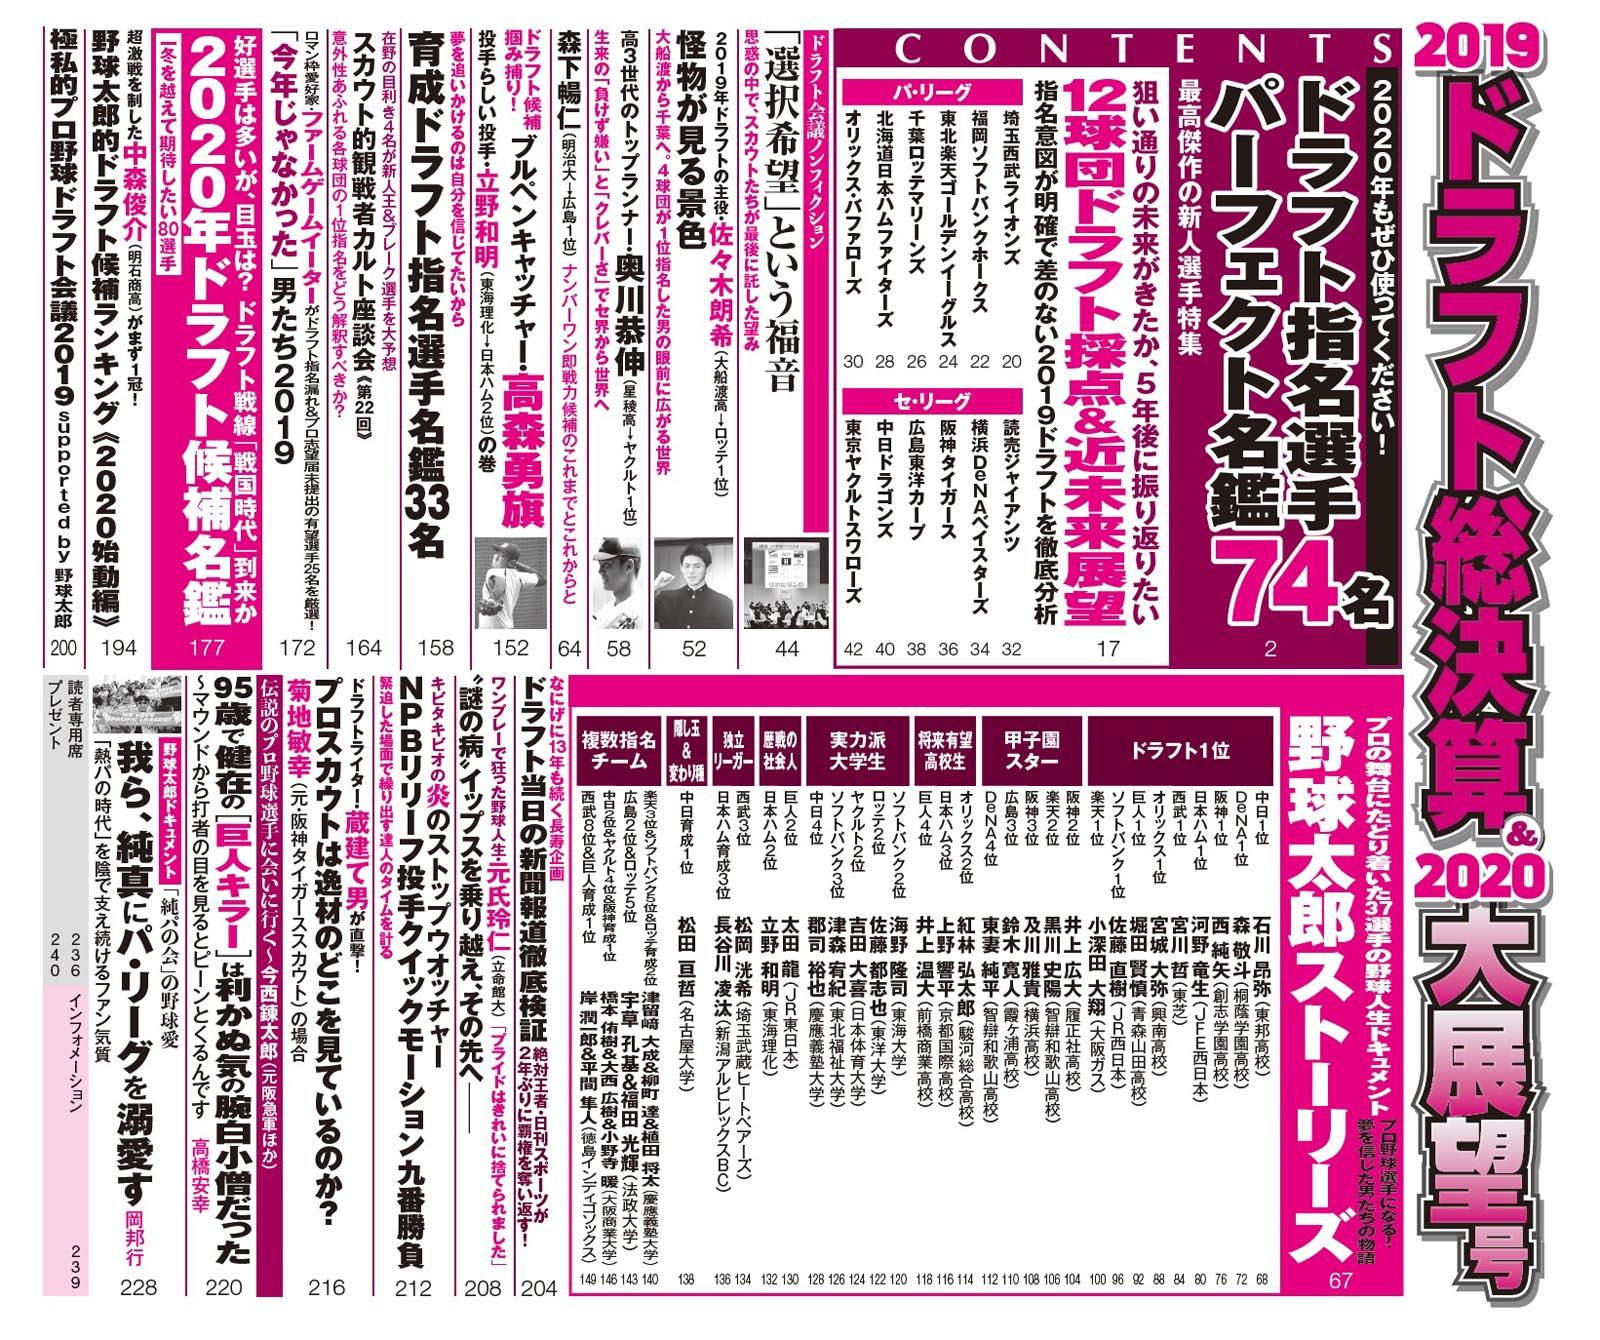 『野球太郎No.033 2019ドラフト総決算&2020大展望号』試し読みはいかがですか